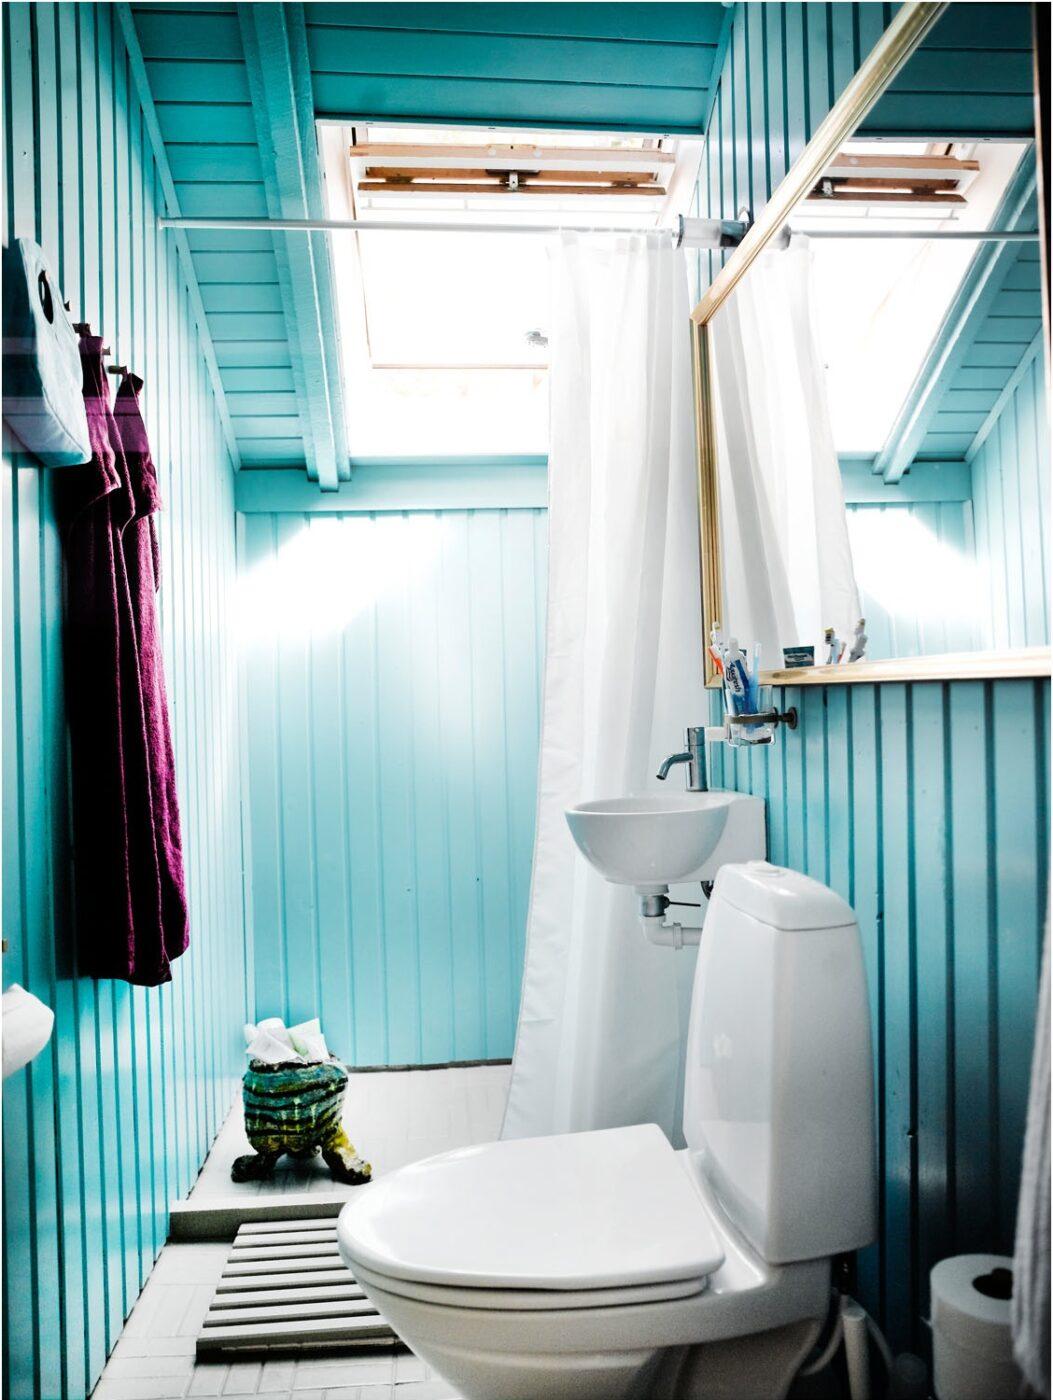 Badeværelset var temmelig tungt og kedelig med de rå og brune træbrædder. Her er malet med en smuk blå farve, som minder om havet og himmelen, som huset er tæt forbundet med. En keramisk skulptur tilfører stoflighed og sjæl, samtidig med at den opbevarer shampooér.